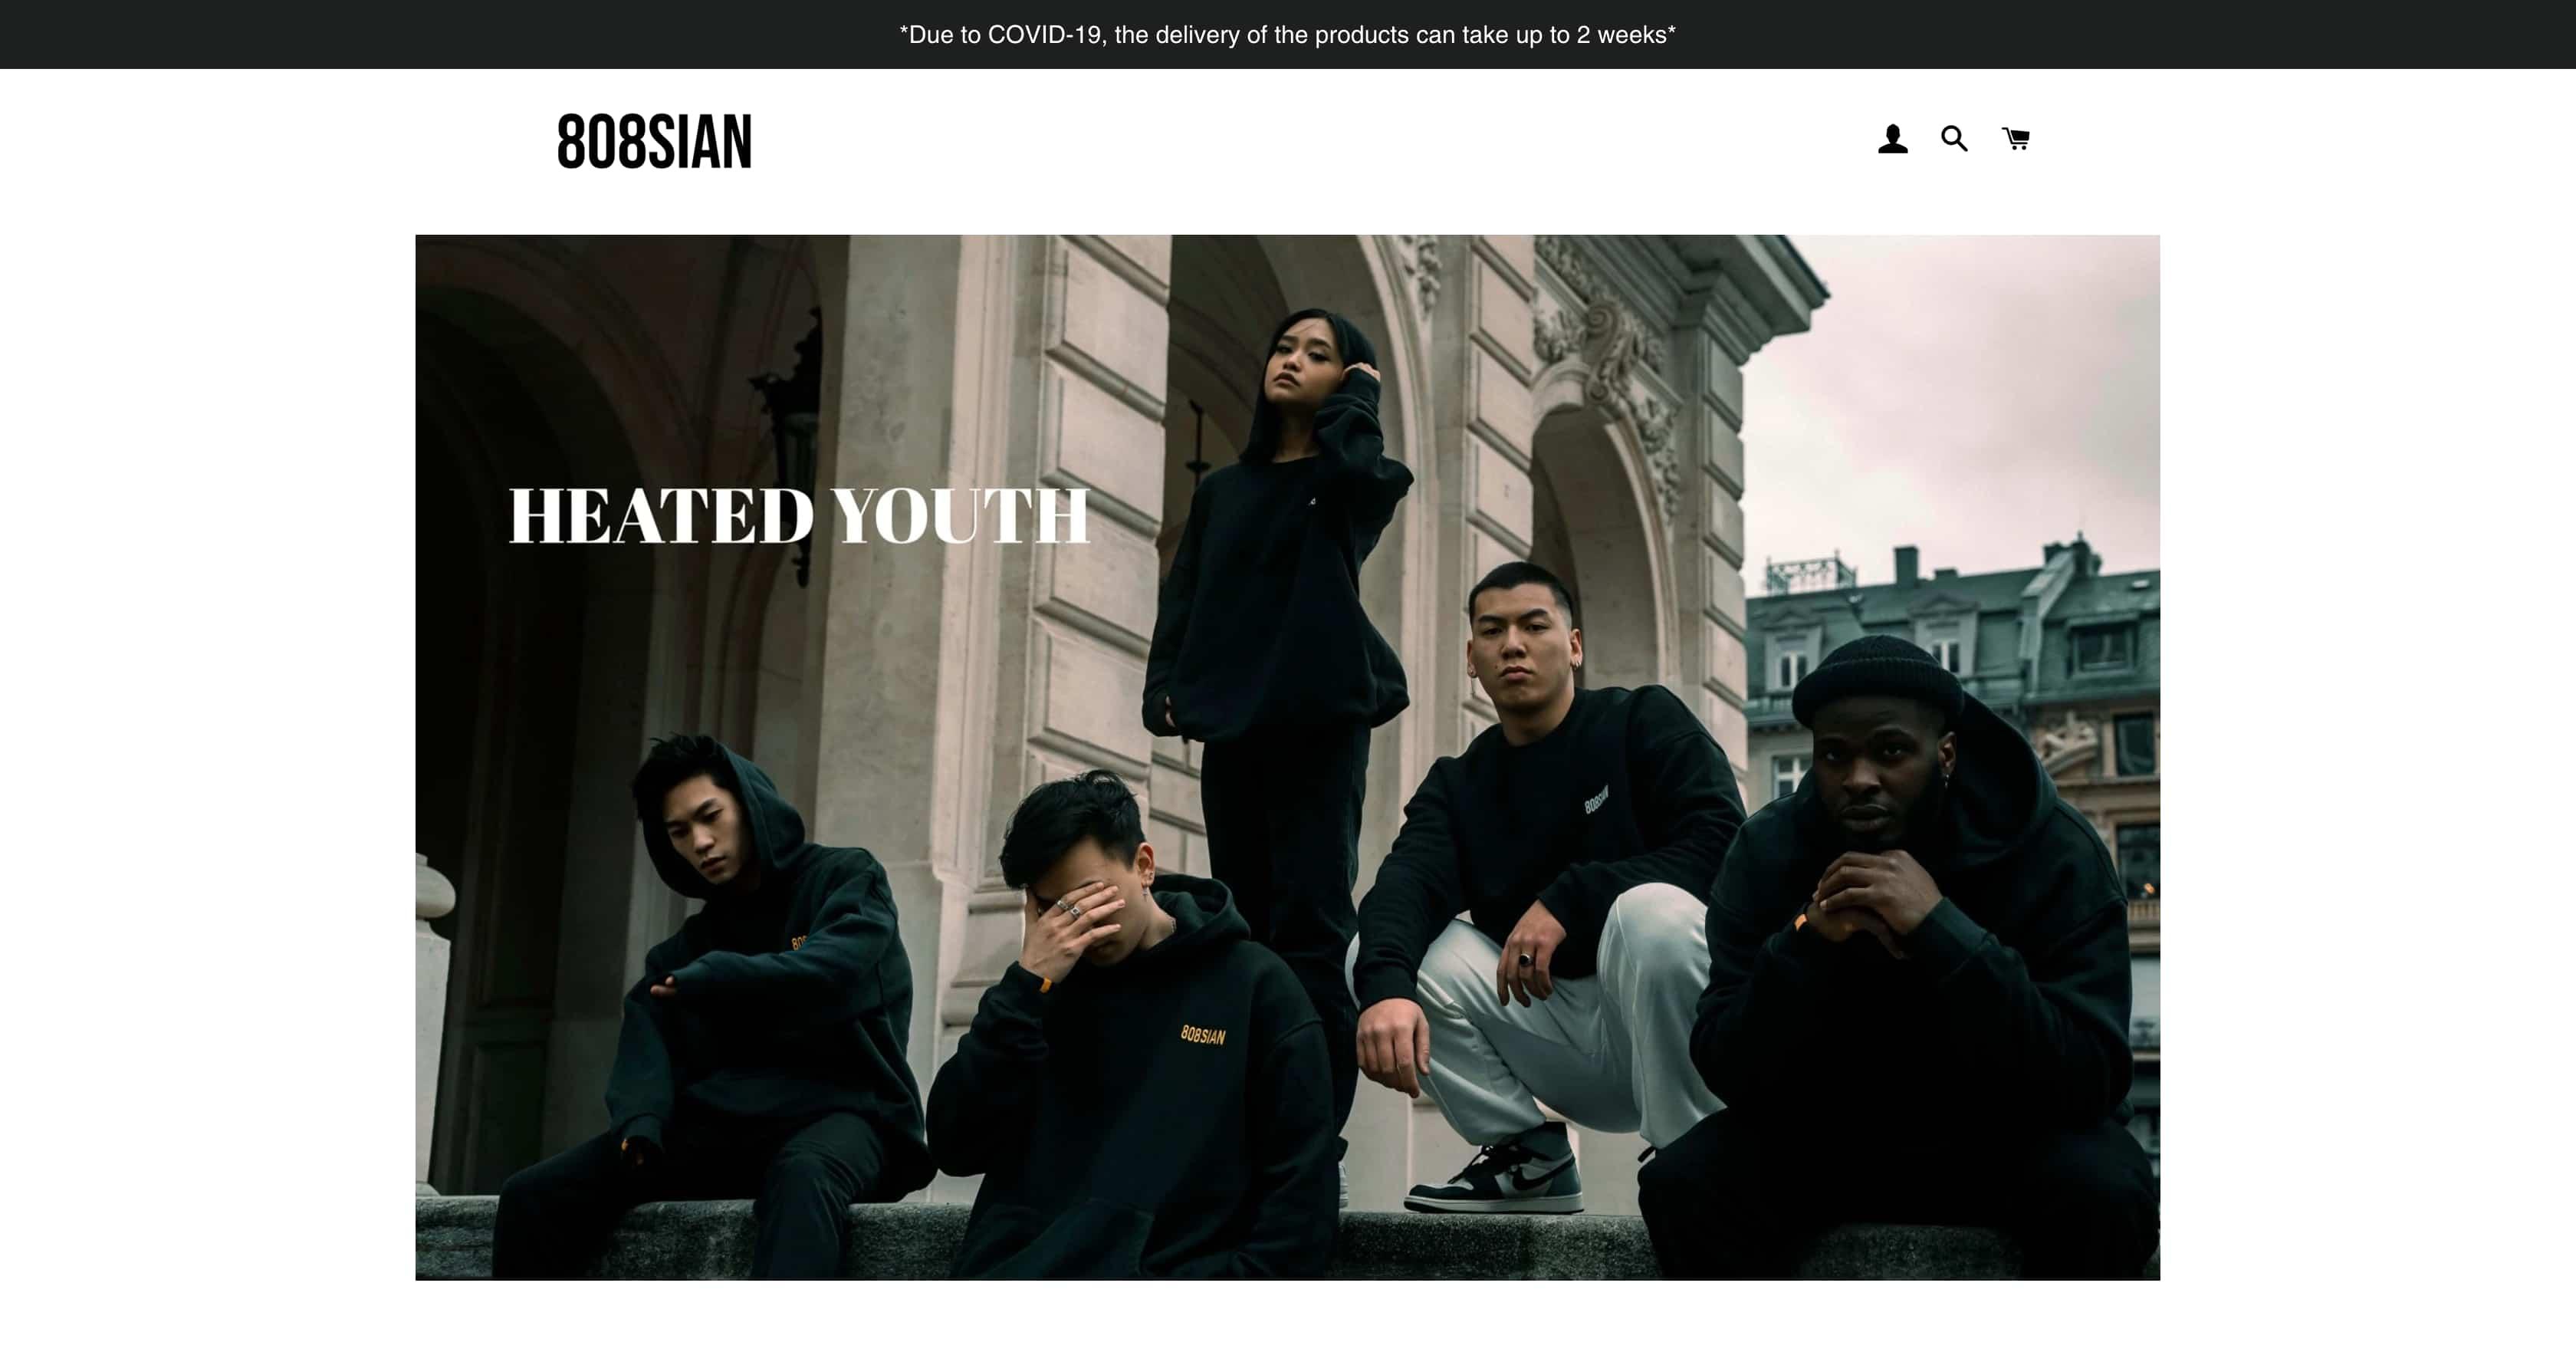 808sian shopify